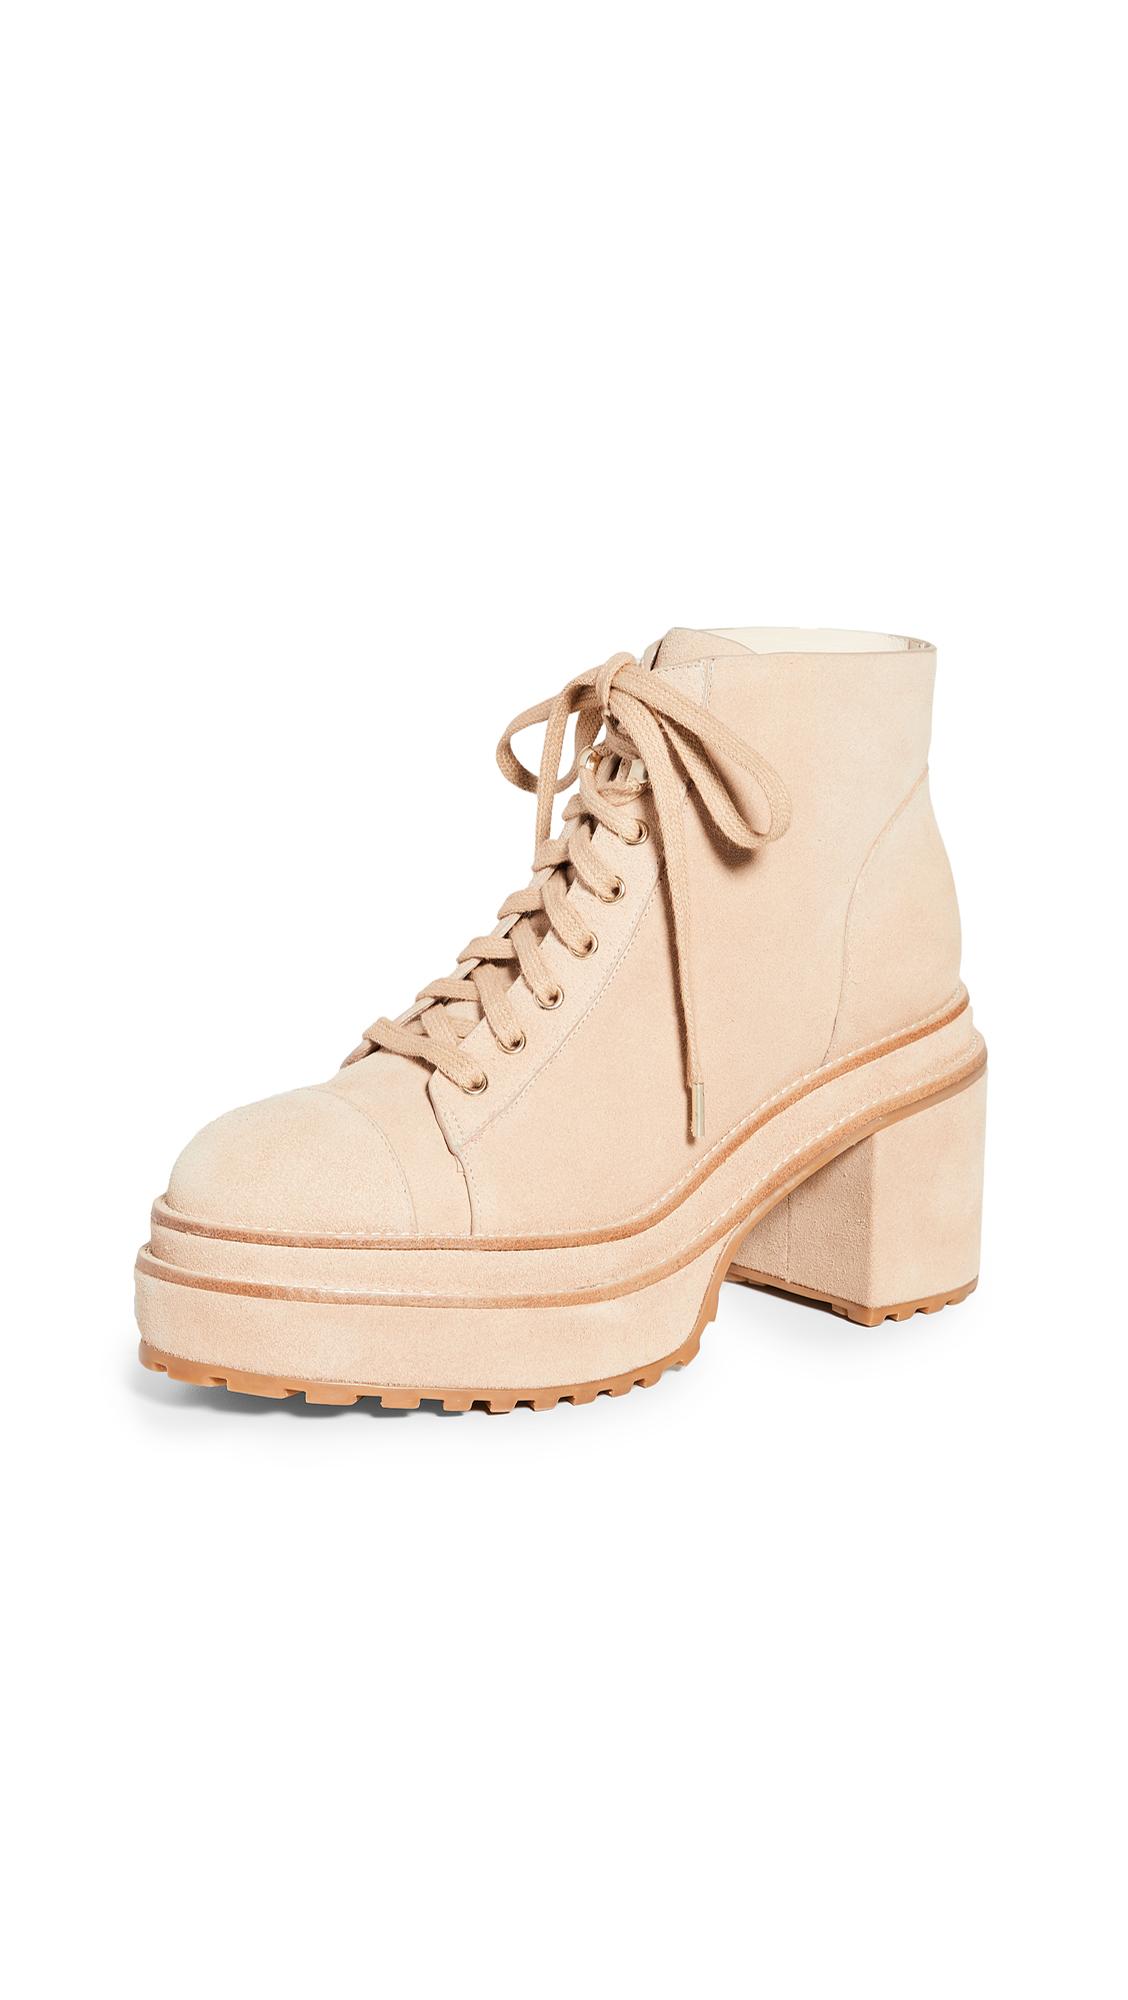 Buy Cult Gaia Bratz Boots online, shop Cult Gaia